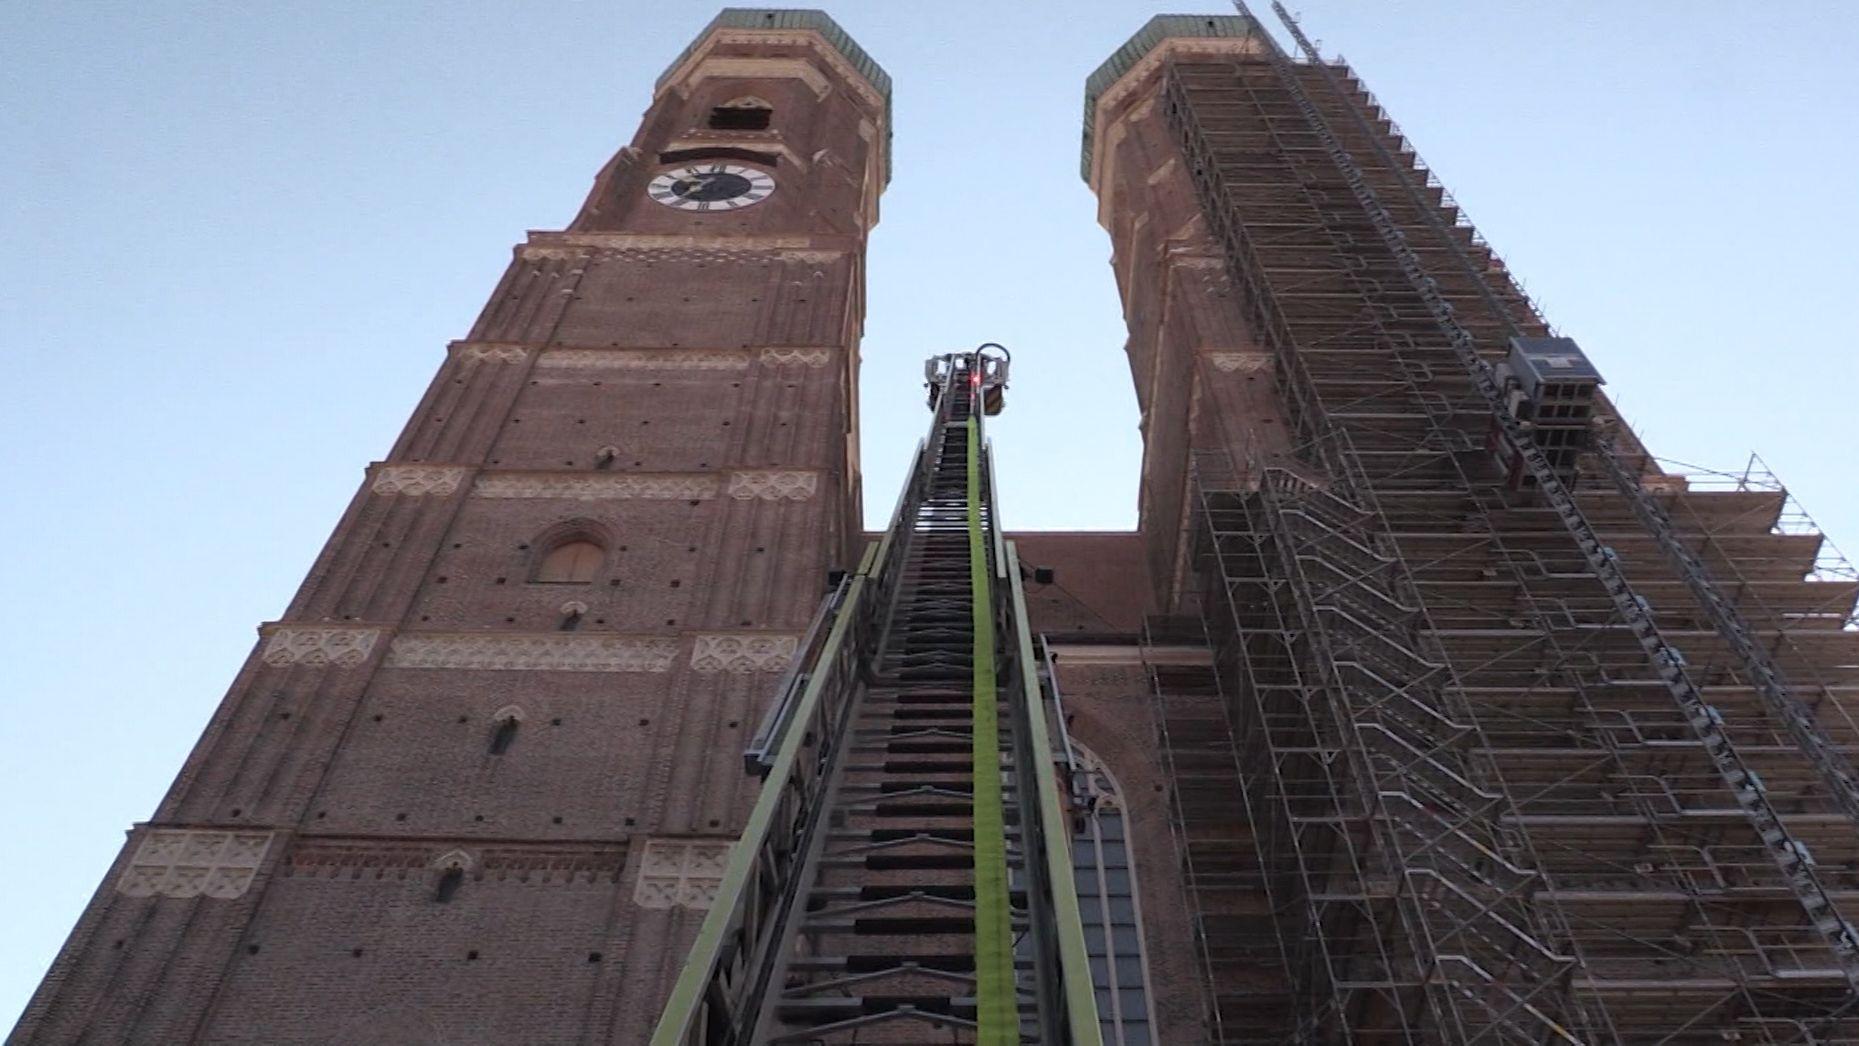 Feuerwehr im Einsatz bei einer Brandschutzübung an der Frauenkirche